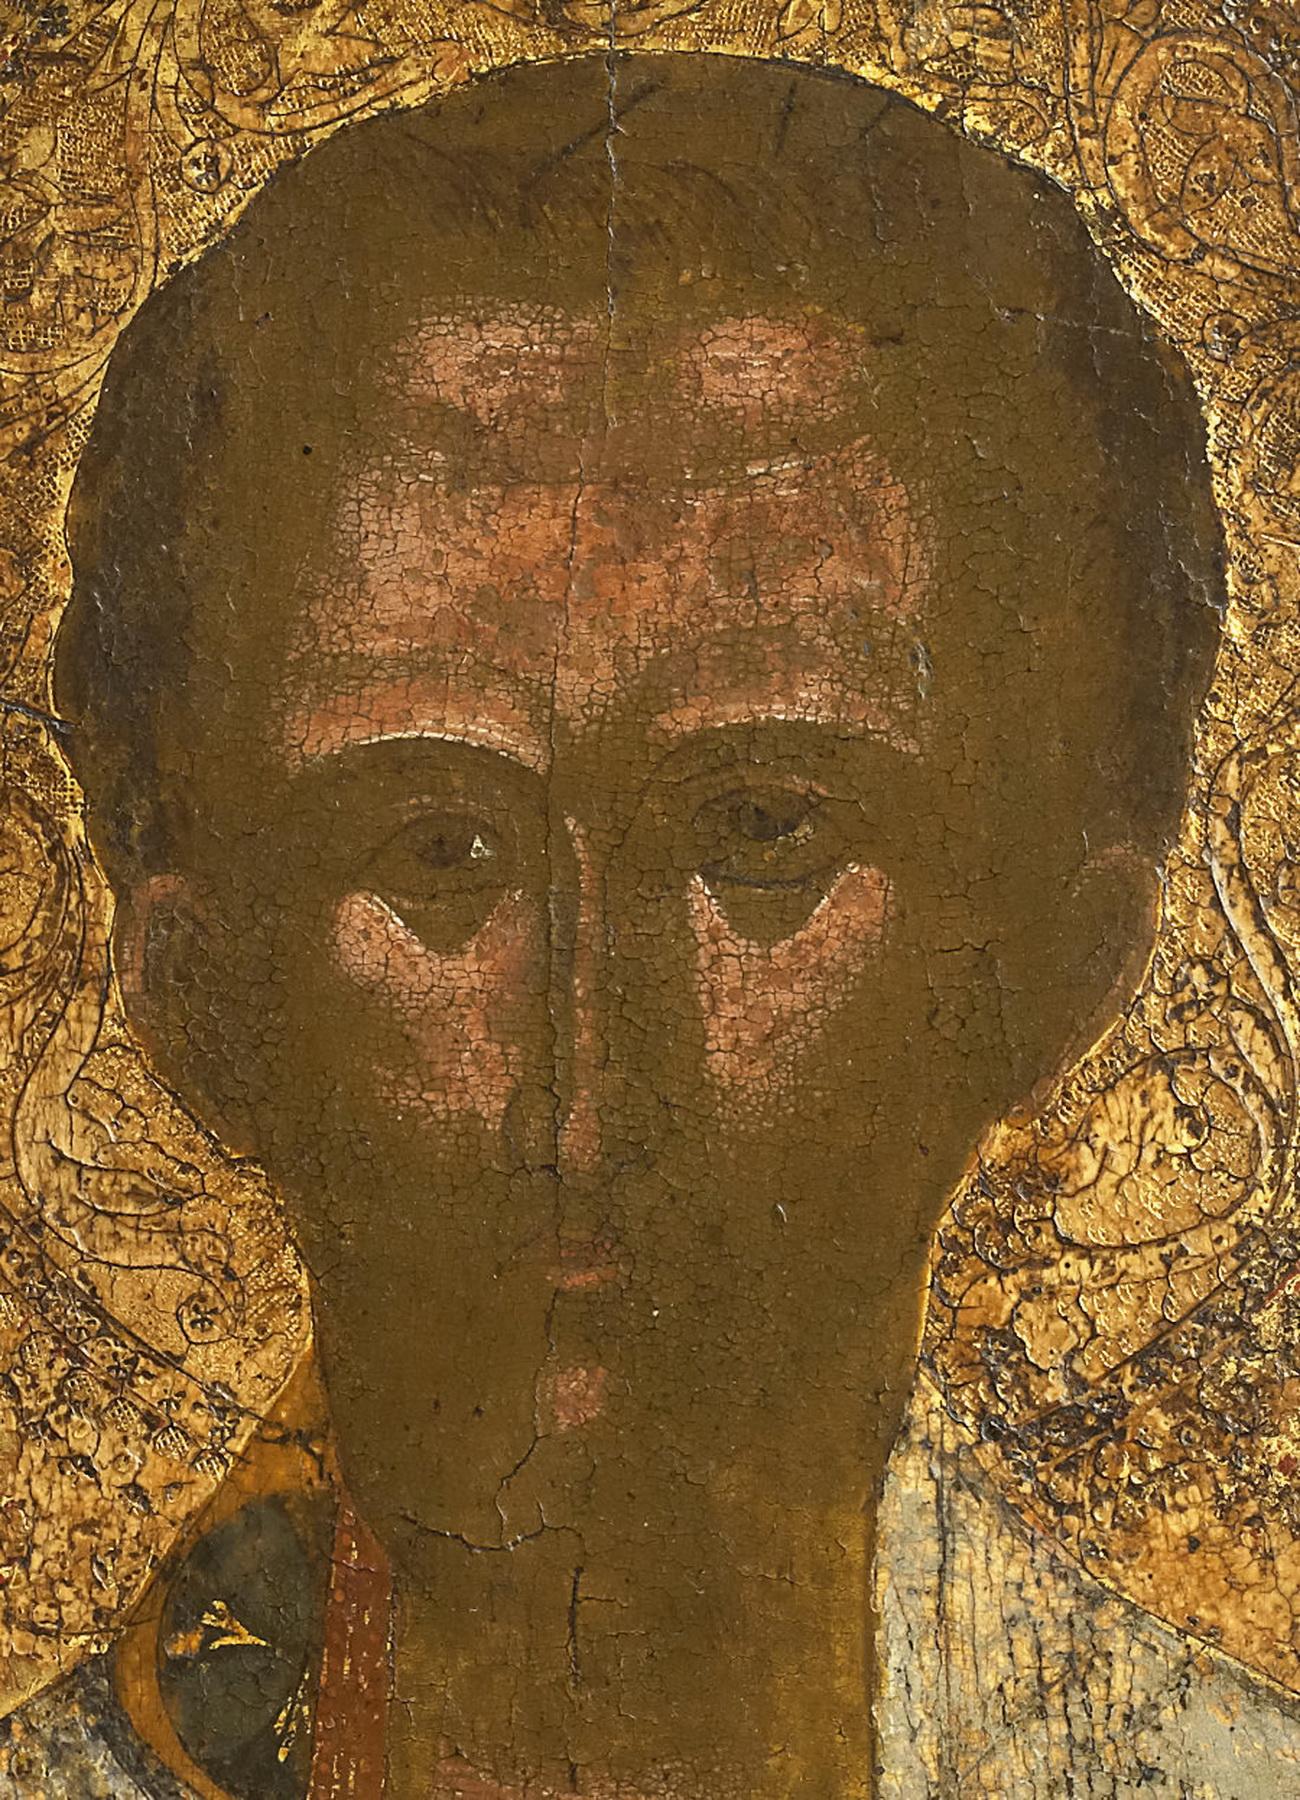 Иоанн Златоуст, свт.; XVII в.; Греция. Крит ...: www.ruicon.ru/arts-new/icons/1x1-dtl/rus_rossiya/bogomater_i...